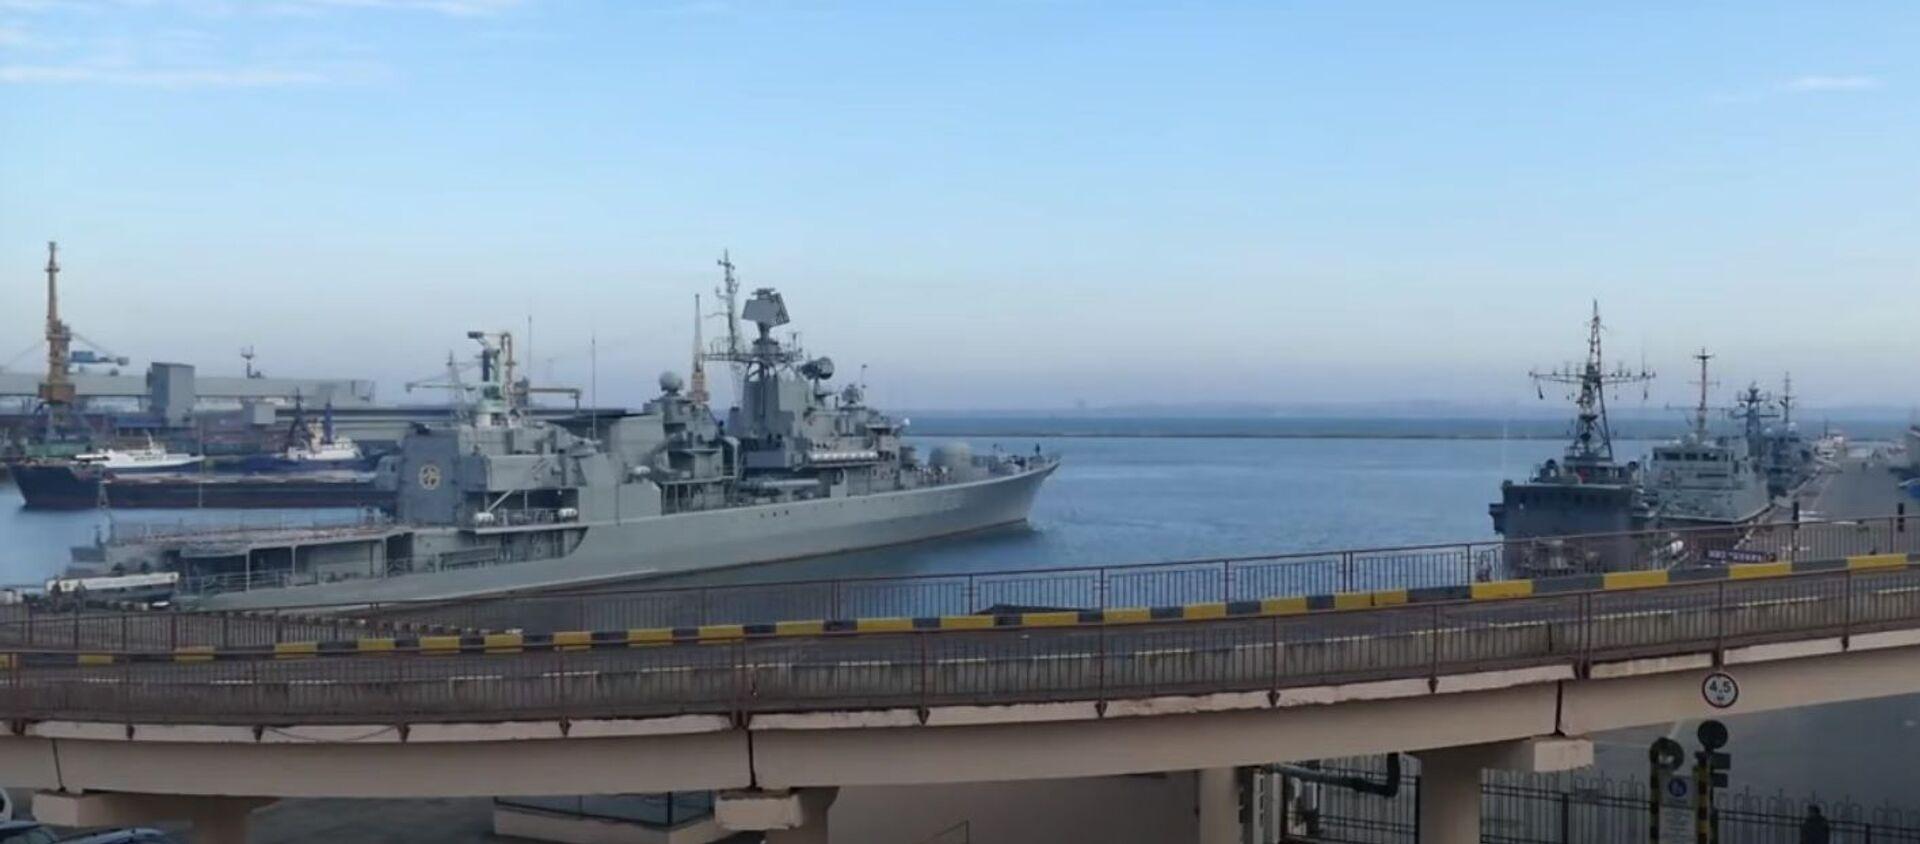 Крым не дает покоя? Зачем НАТО мечтает запретить российскую армию - Sputnik Беларусь, 1920, 04.12.2020